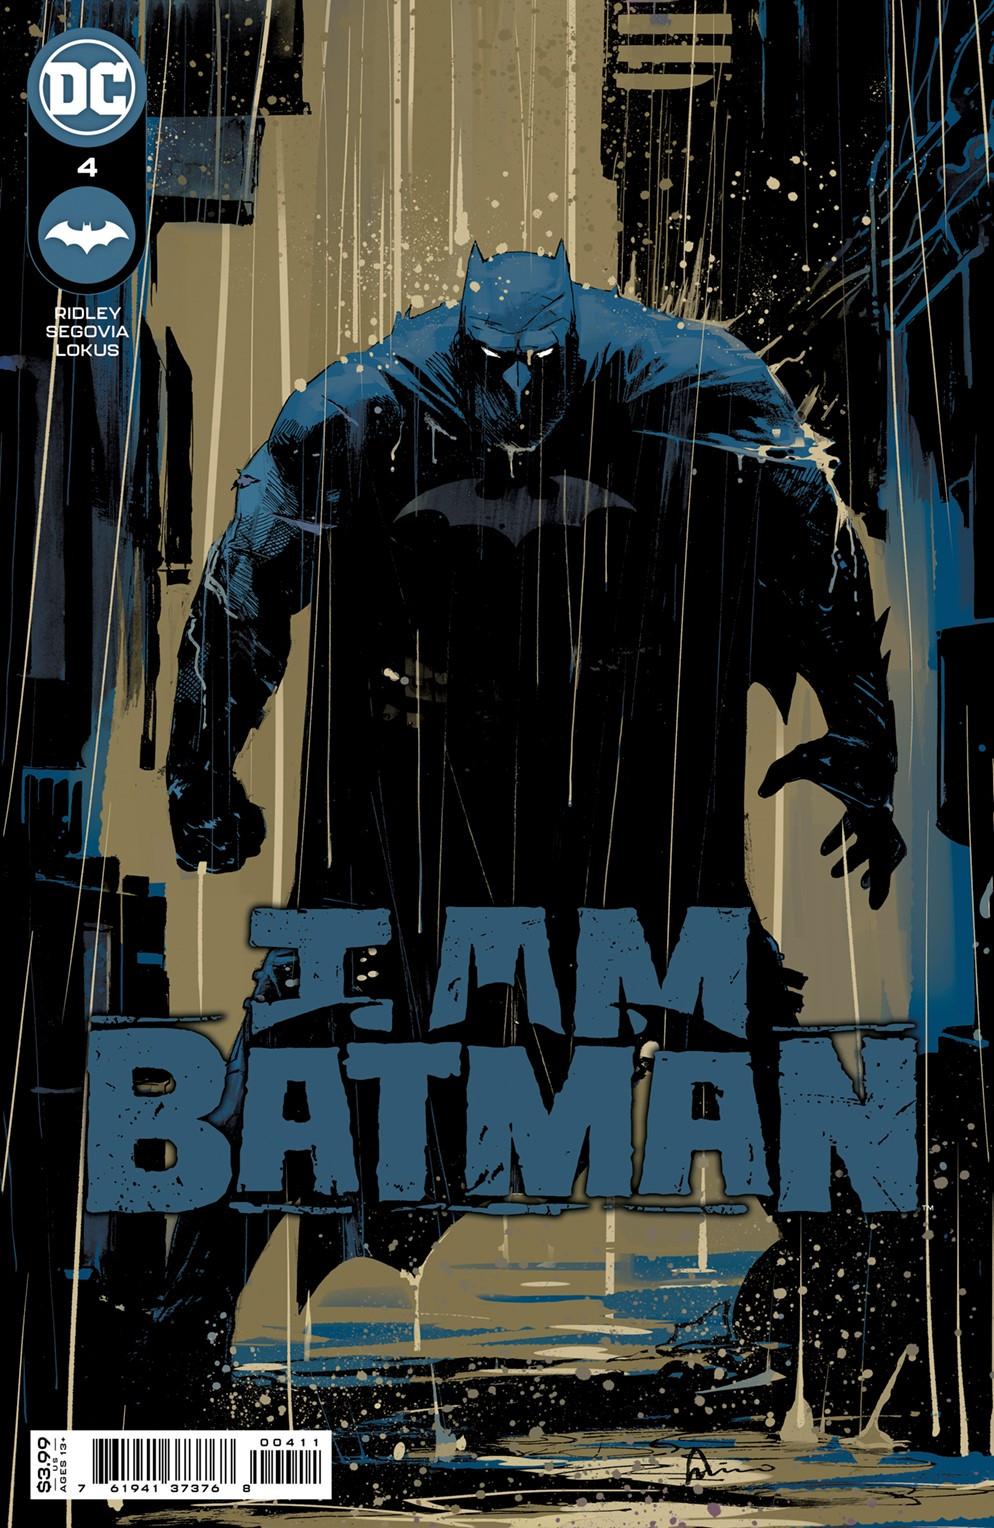 IAMBM_Cv4 DC Comics December 2021 Solicitations